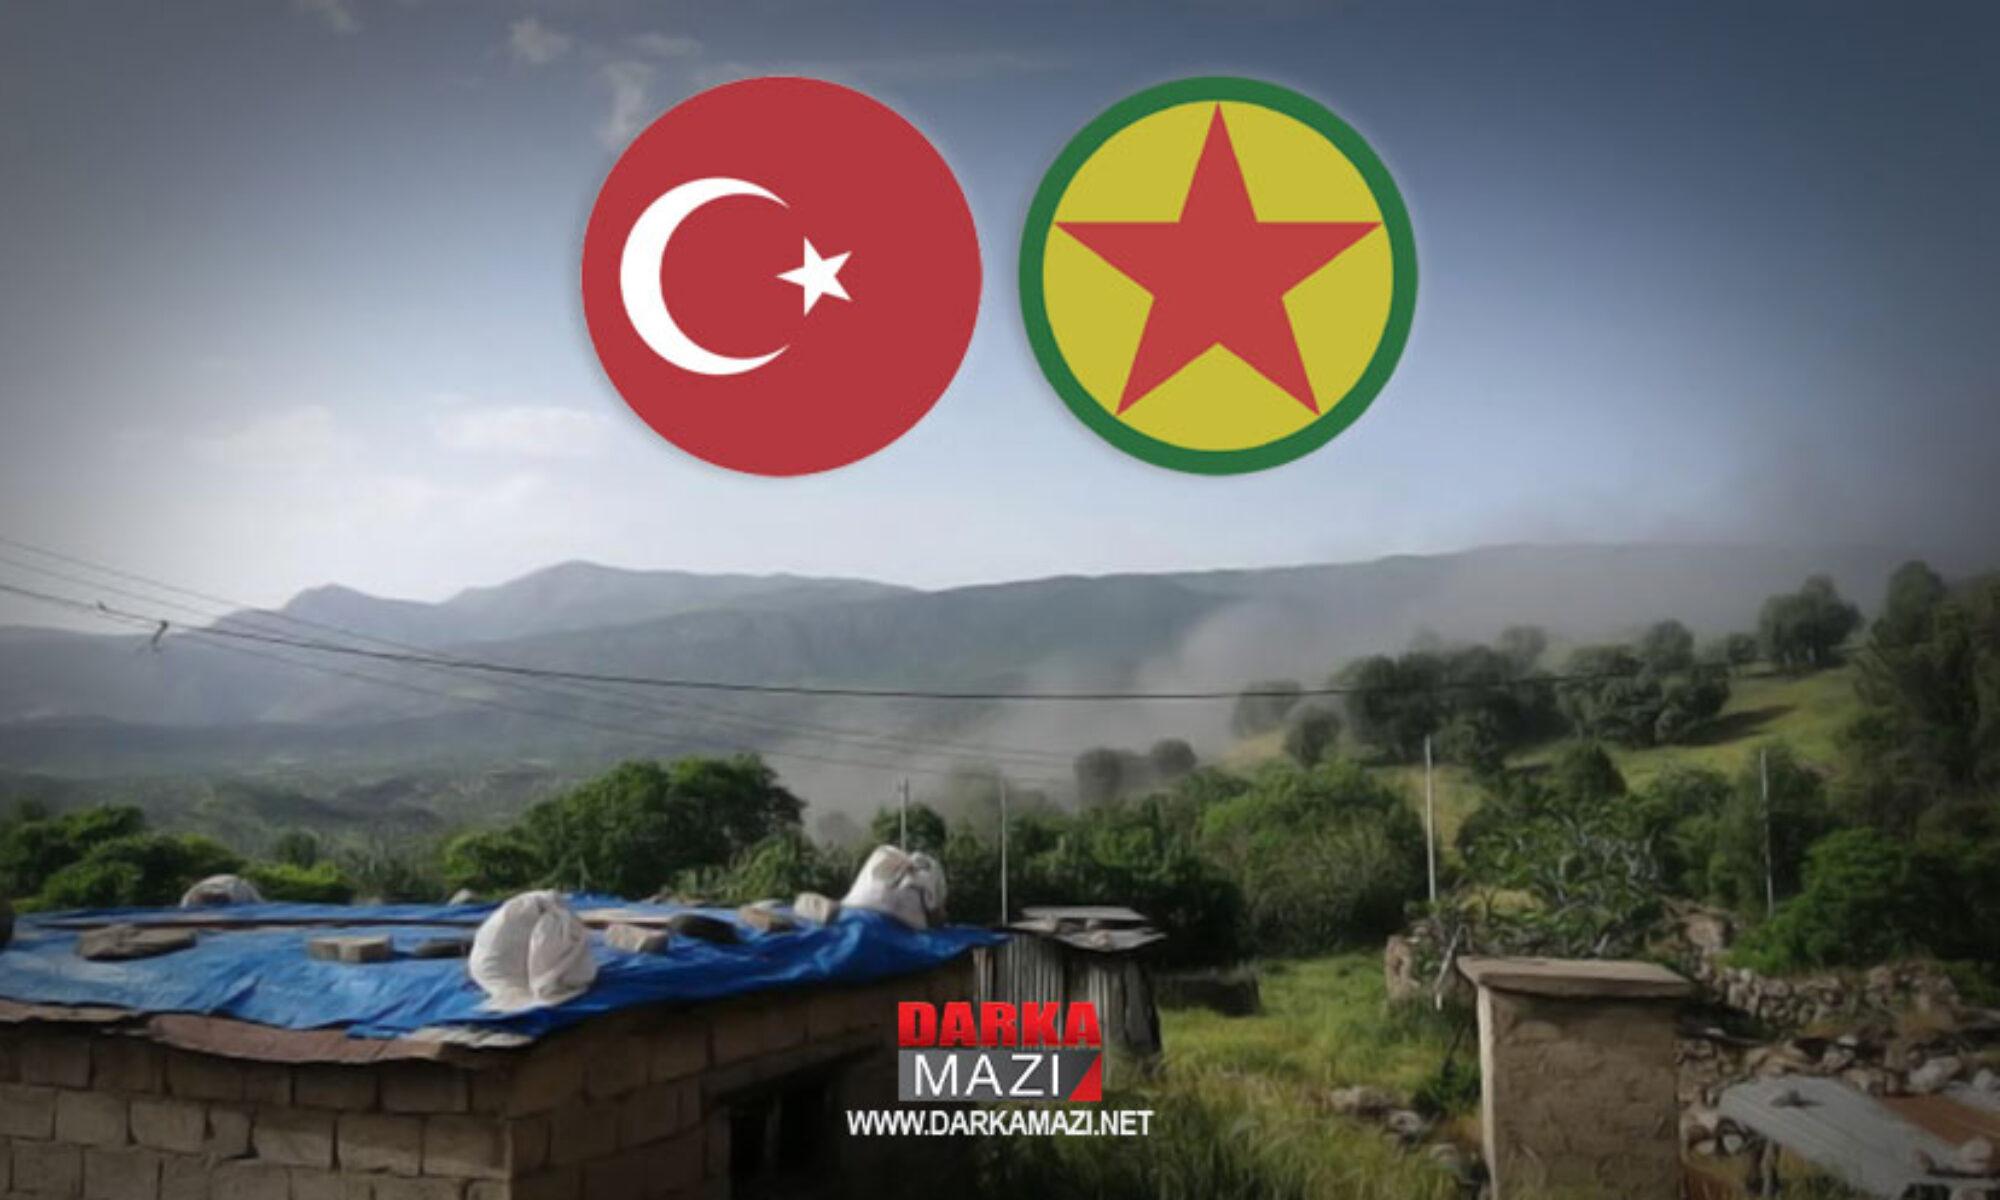 Kürdistan Parlamentosu heyetinin raporunda TSK ve PKK çatışmalarına dönük yer alan ana başlıklar Metina Dağı, peşmerge, PKK, işgal Irak hükümeti, sınır muhafızları